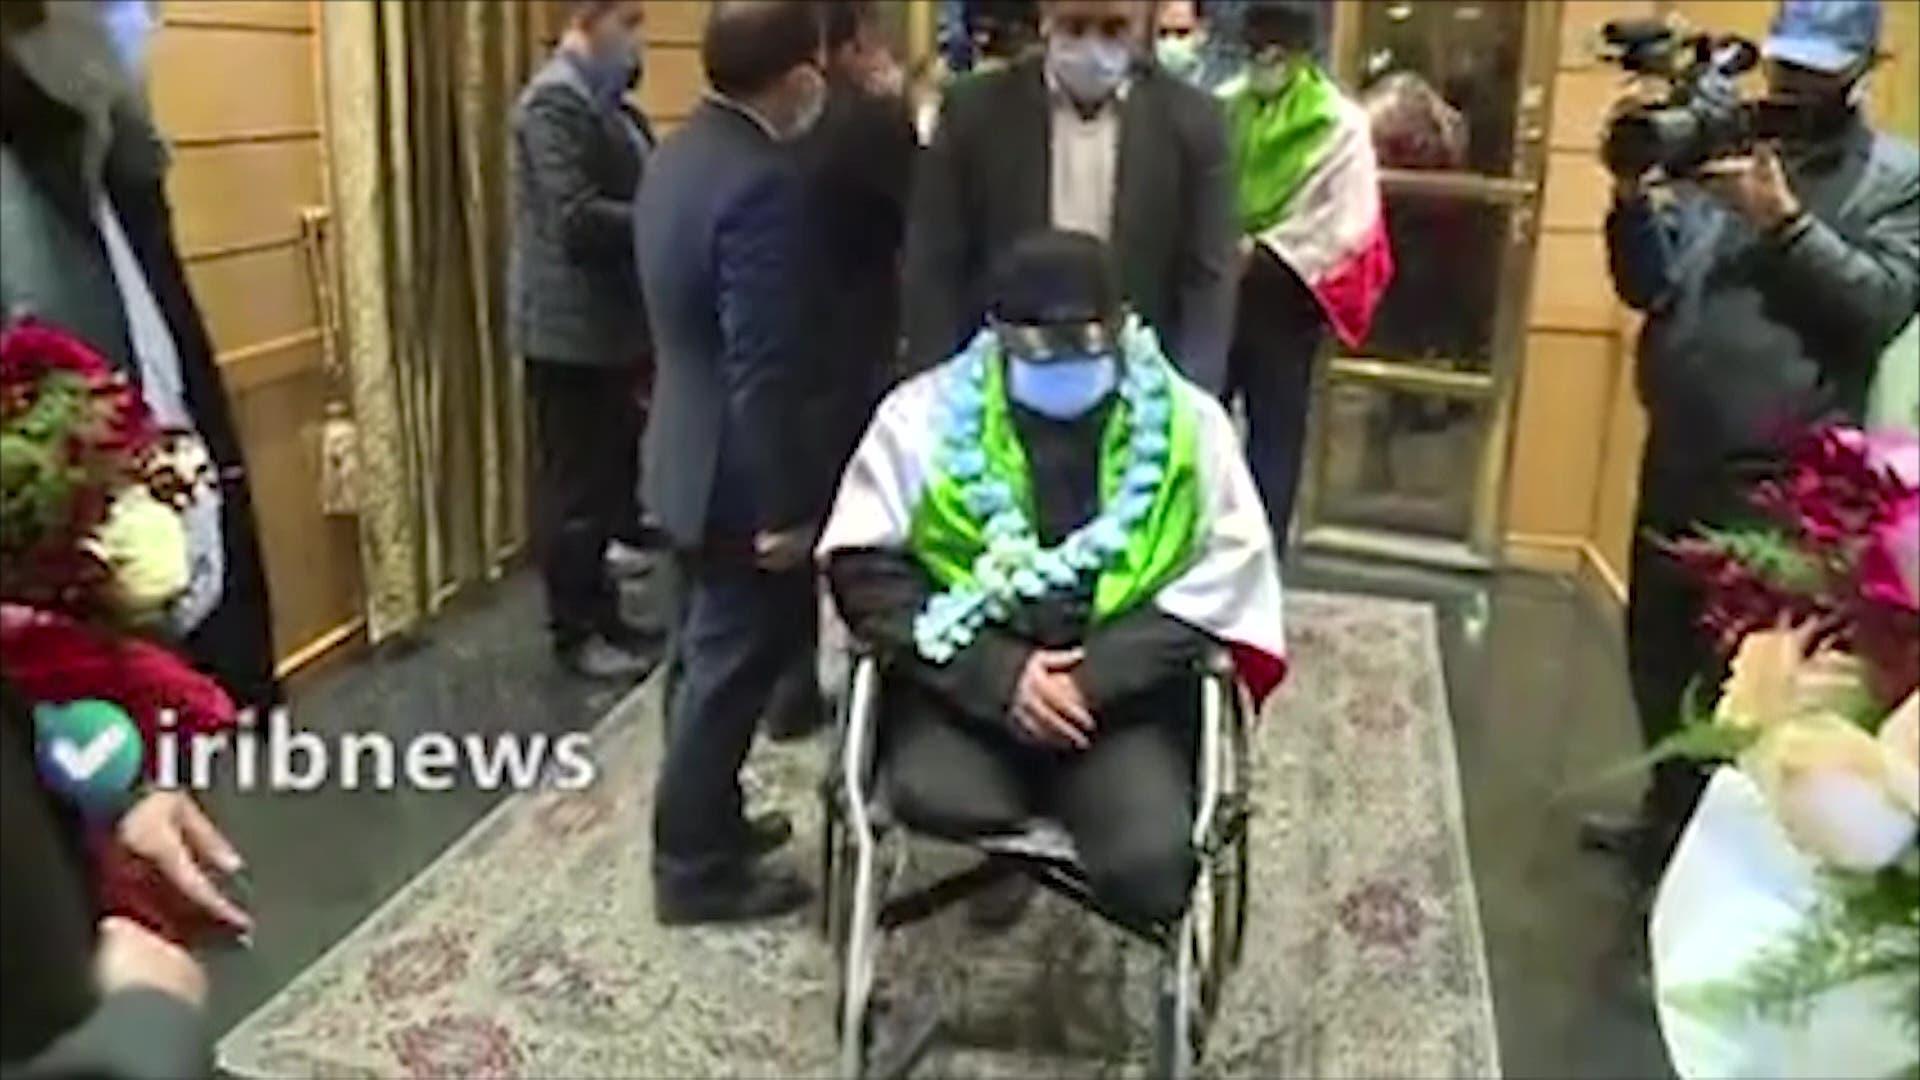 مشاهد بثها التلفزيون الإيراني للحظات استقبال الإيرانيين الثلاثة (رفرانس برس)